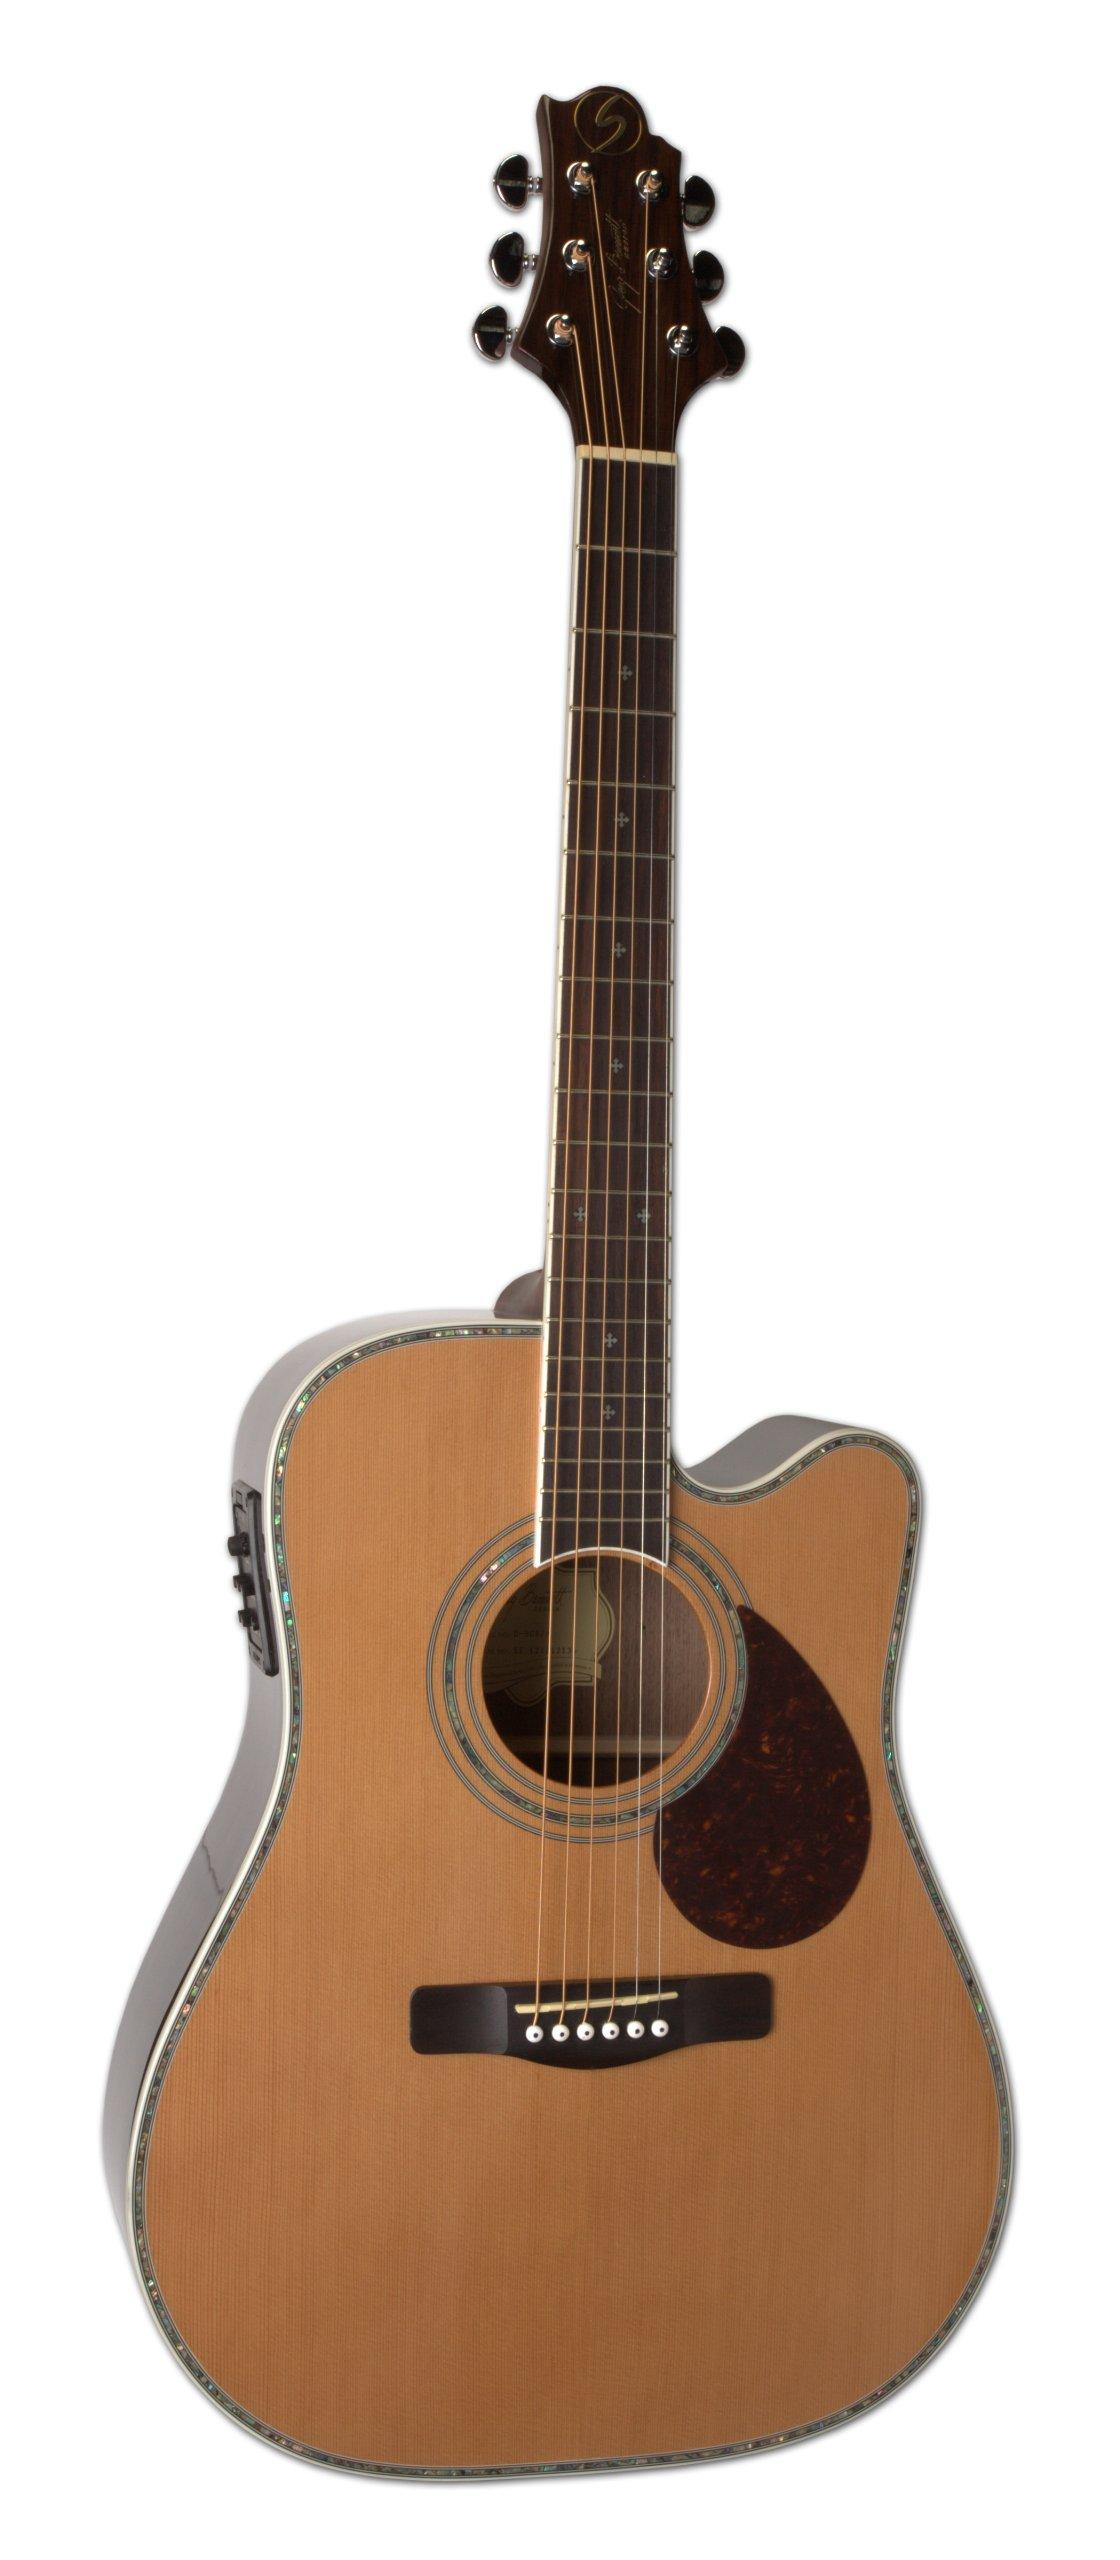 samick greg bennett design d8ce n acoustic guitar natural guitar affinity. Black Bedroom Furniture Sets. Home Design Ideas